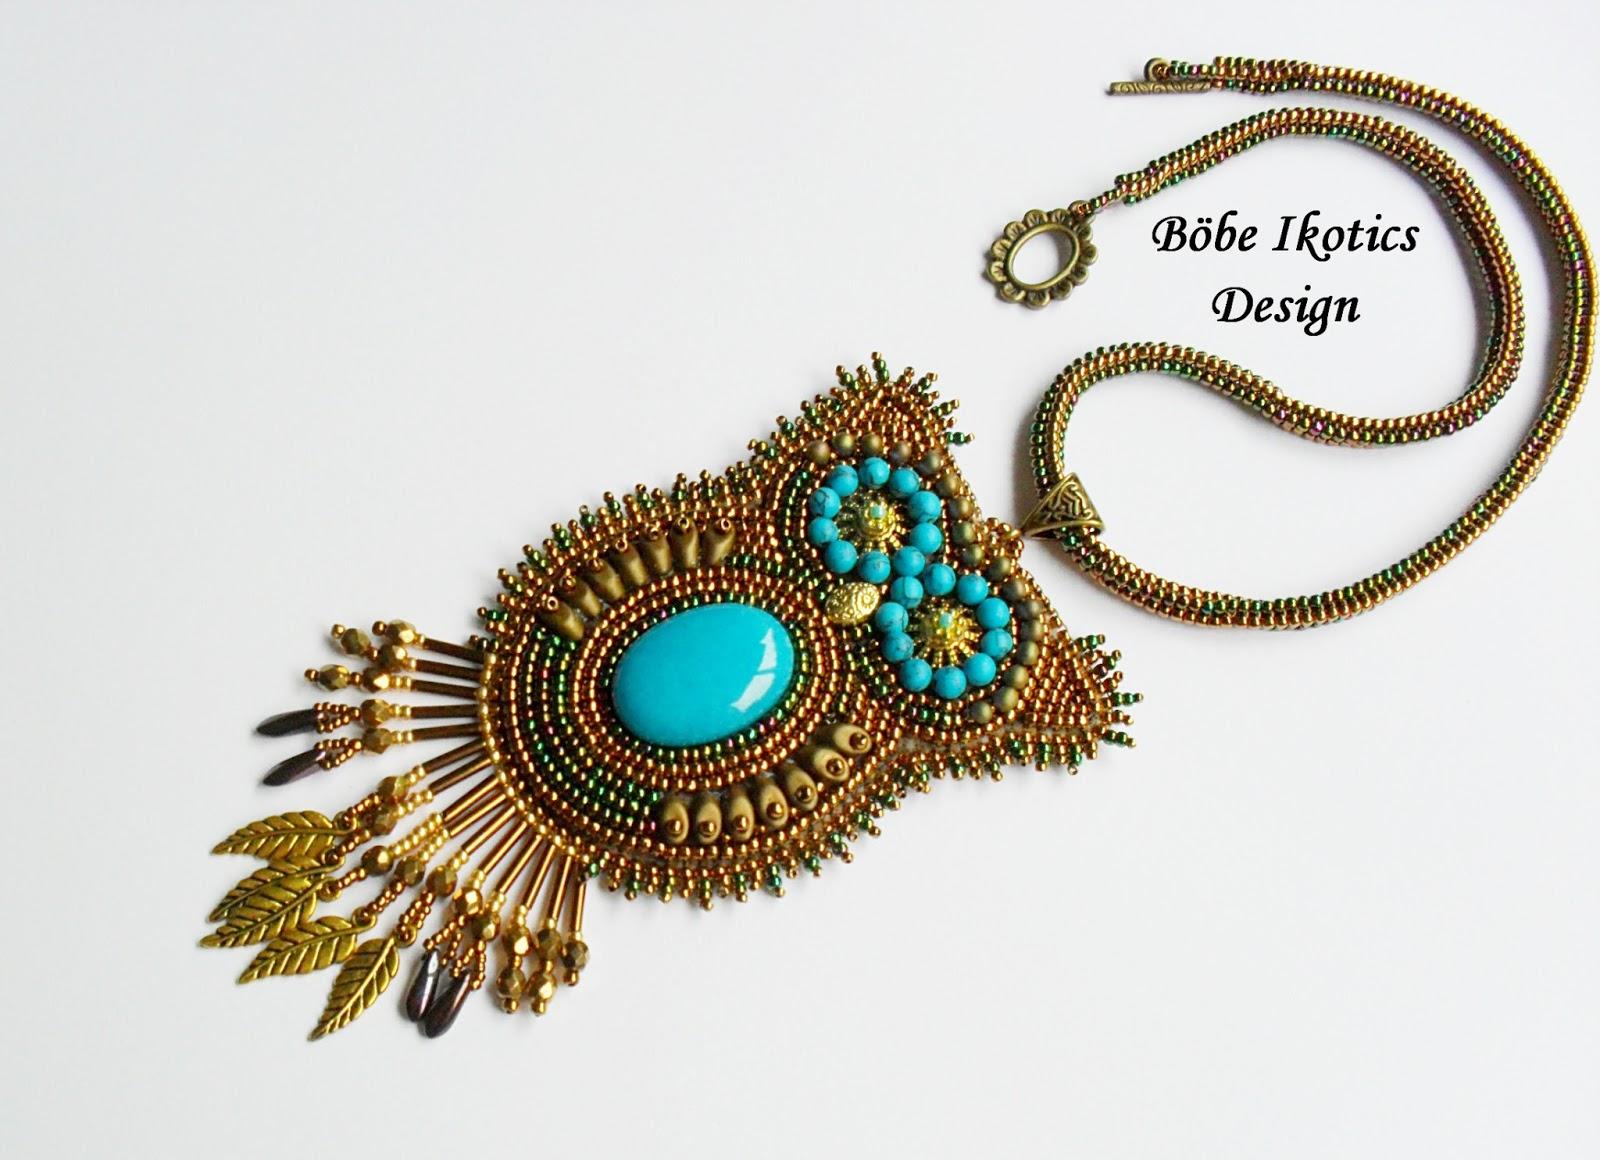 69a209e571 Japán gyöngyökből és egy kevés cseh csiszolt gyöngyből készült Uhu nyaklánc.  A nyaklánc hossza 43 cm . A medál hossza 11 cm, közepén egy türkizkék ...